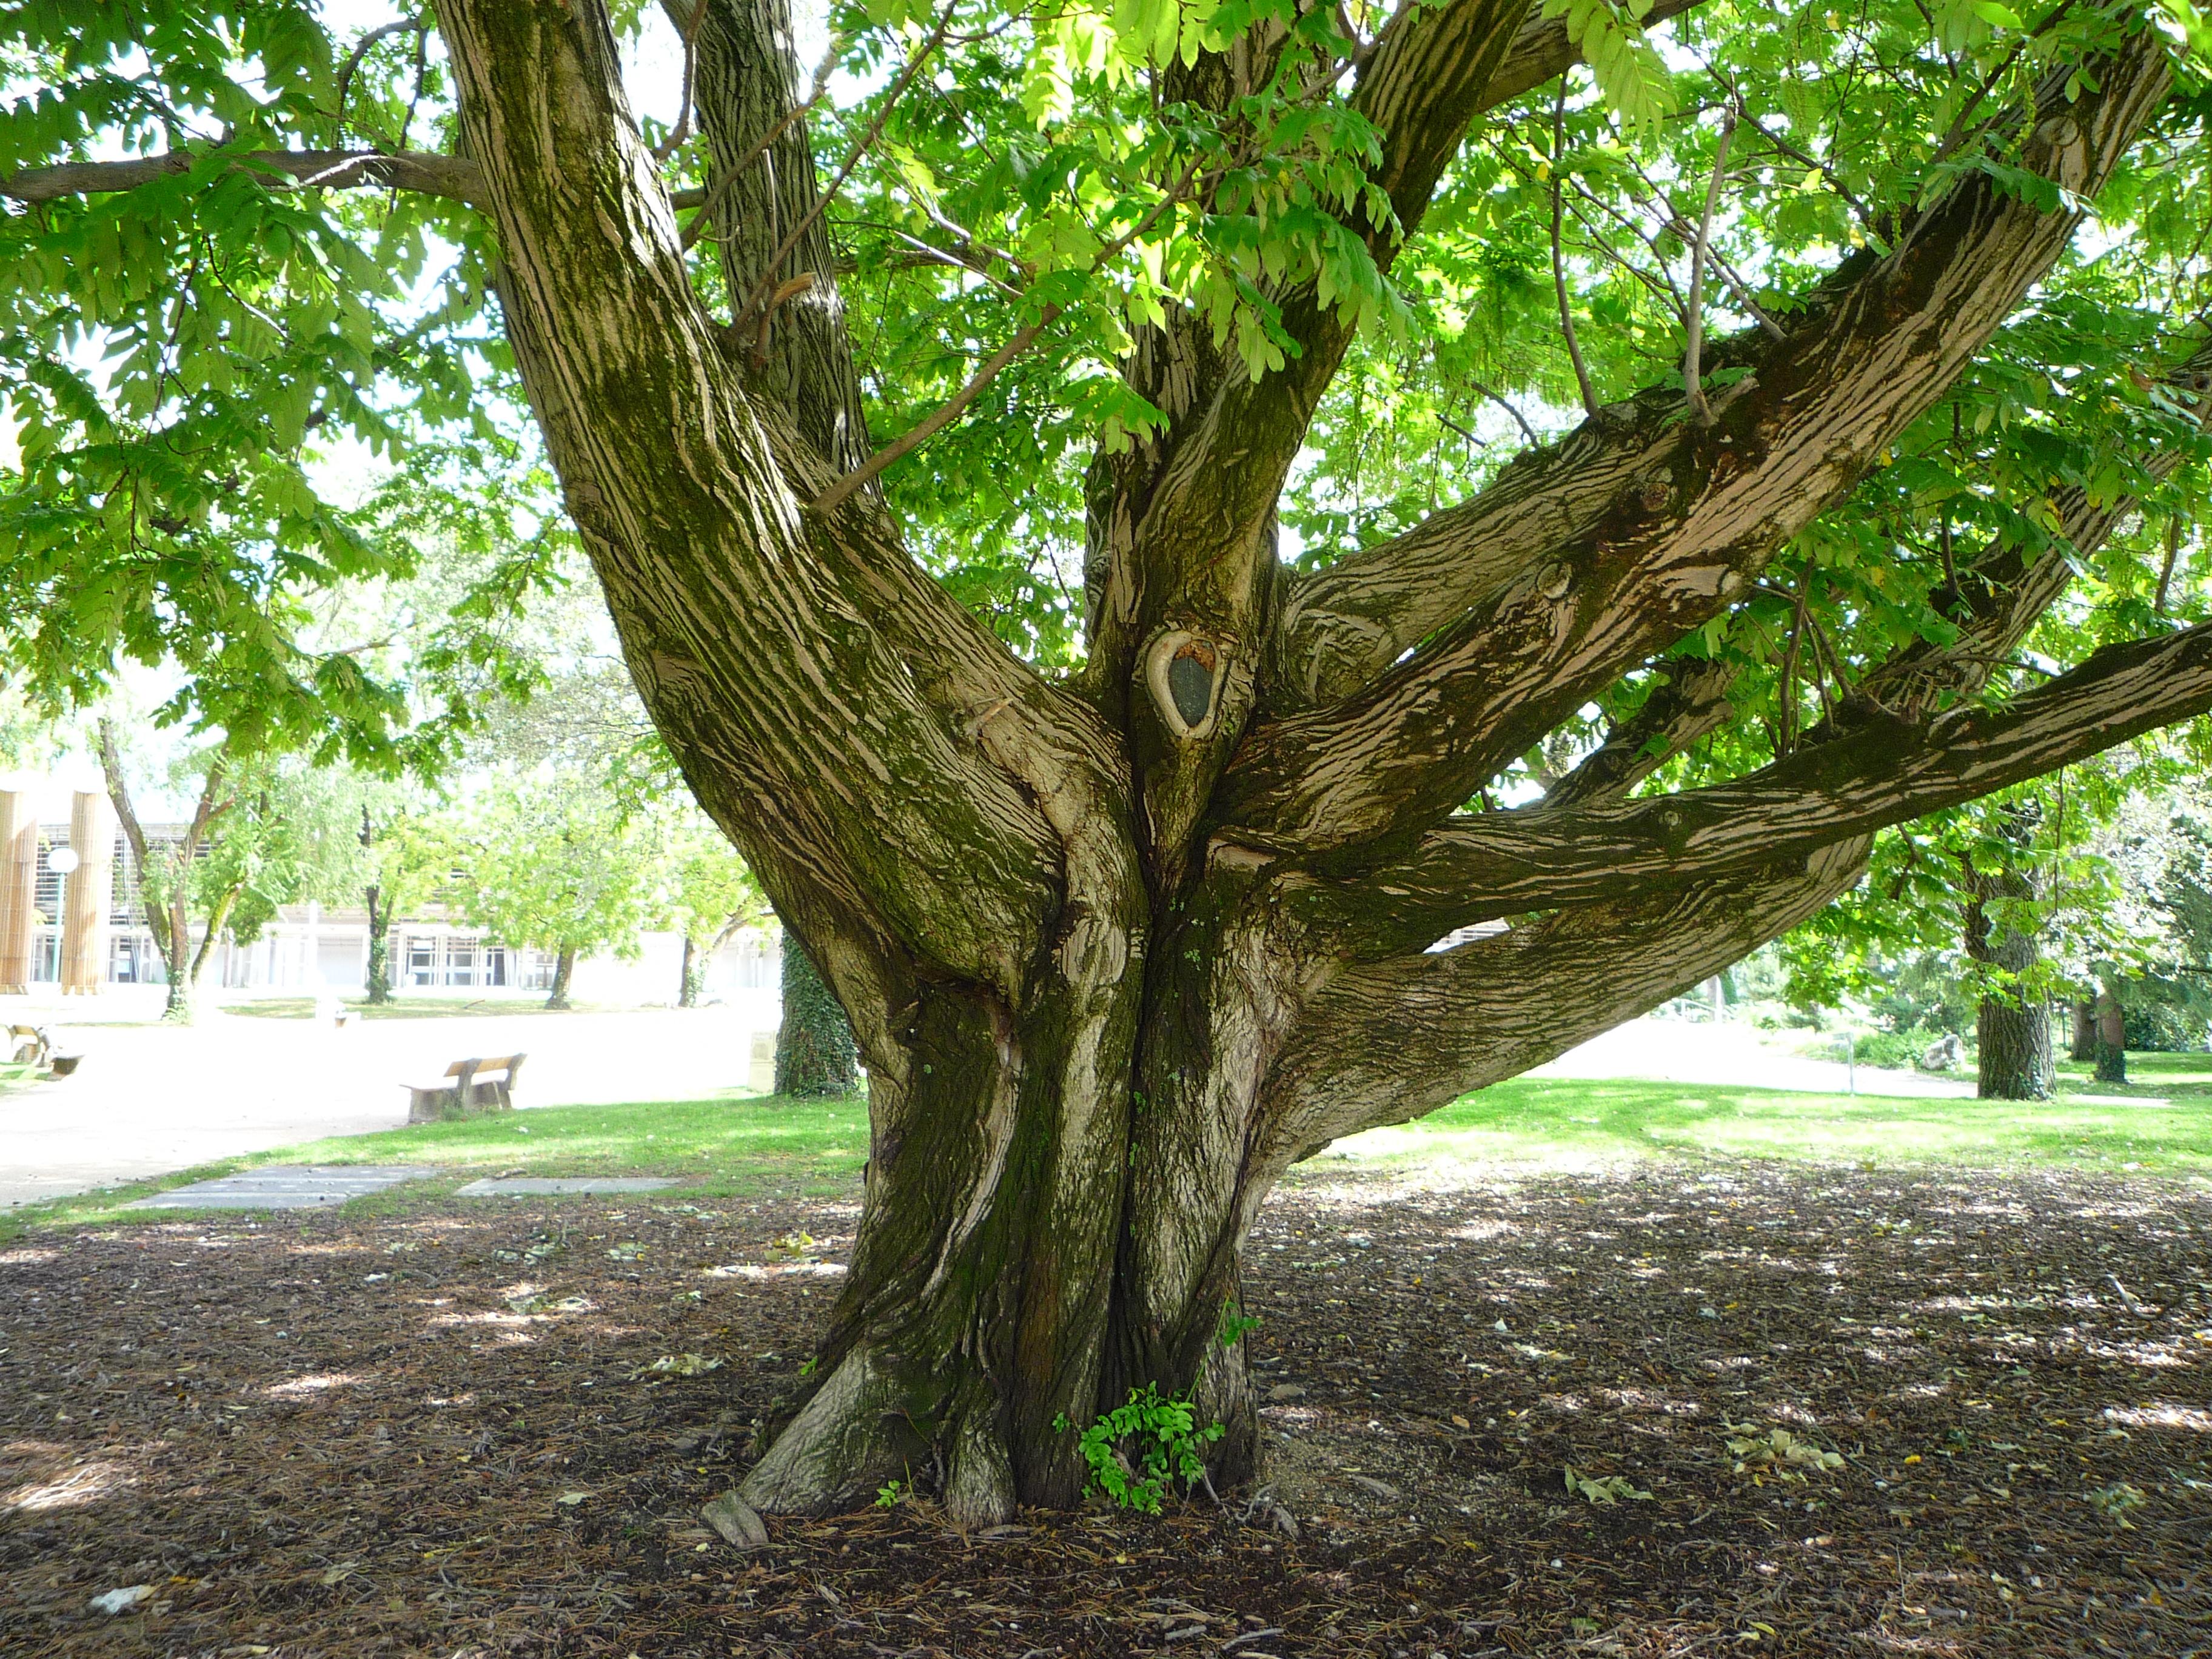 Description arbre remarquable parc p. mistral - grenoble